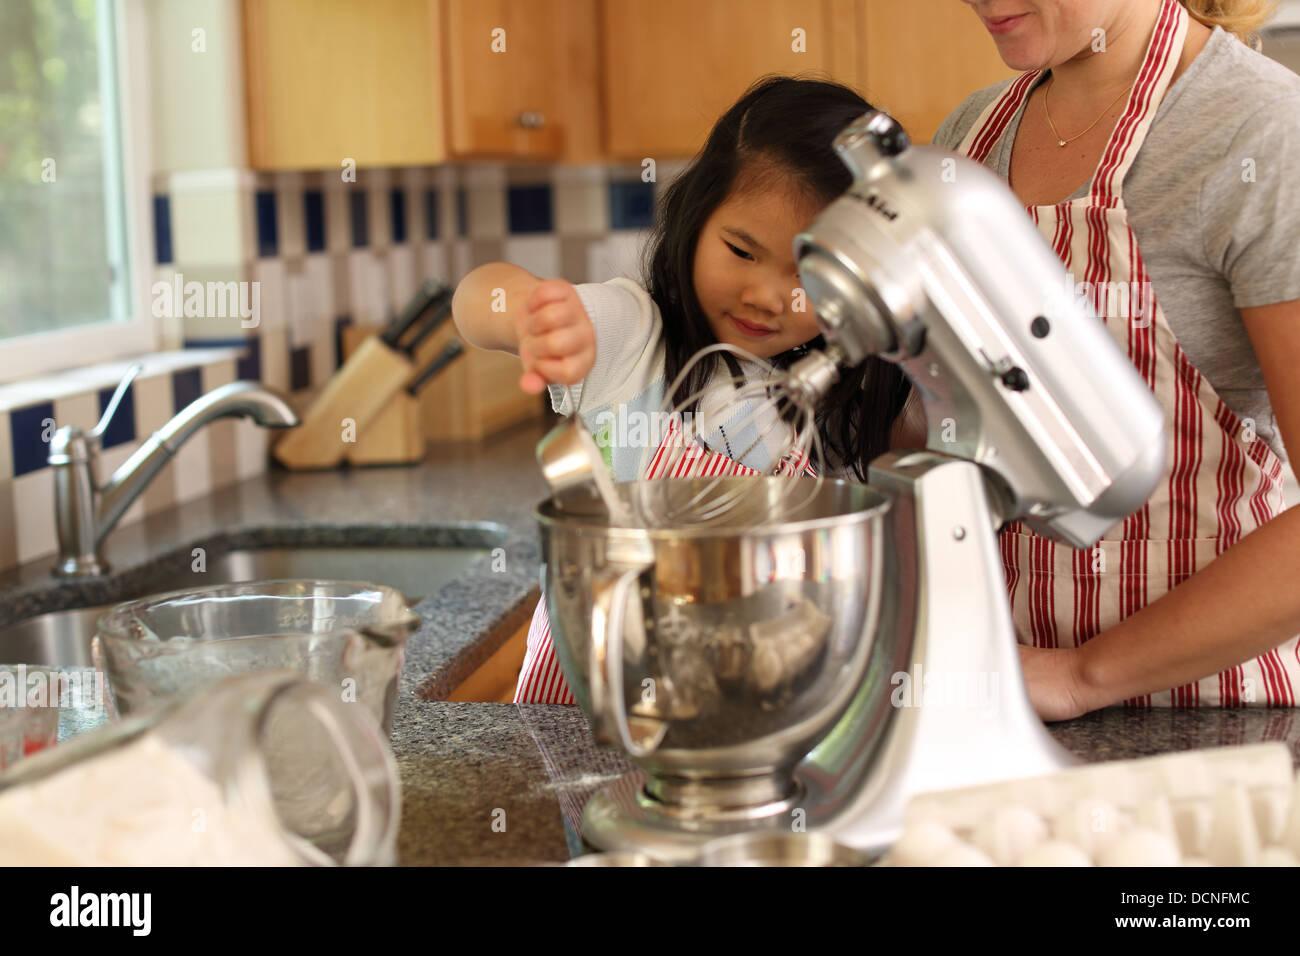 Junge Mädchen, die Mutter in der Küche Backen helfen Stockbild